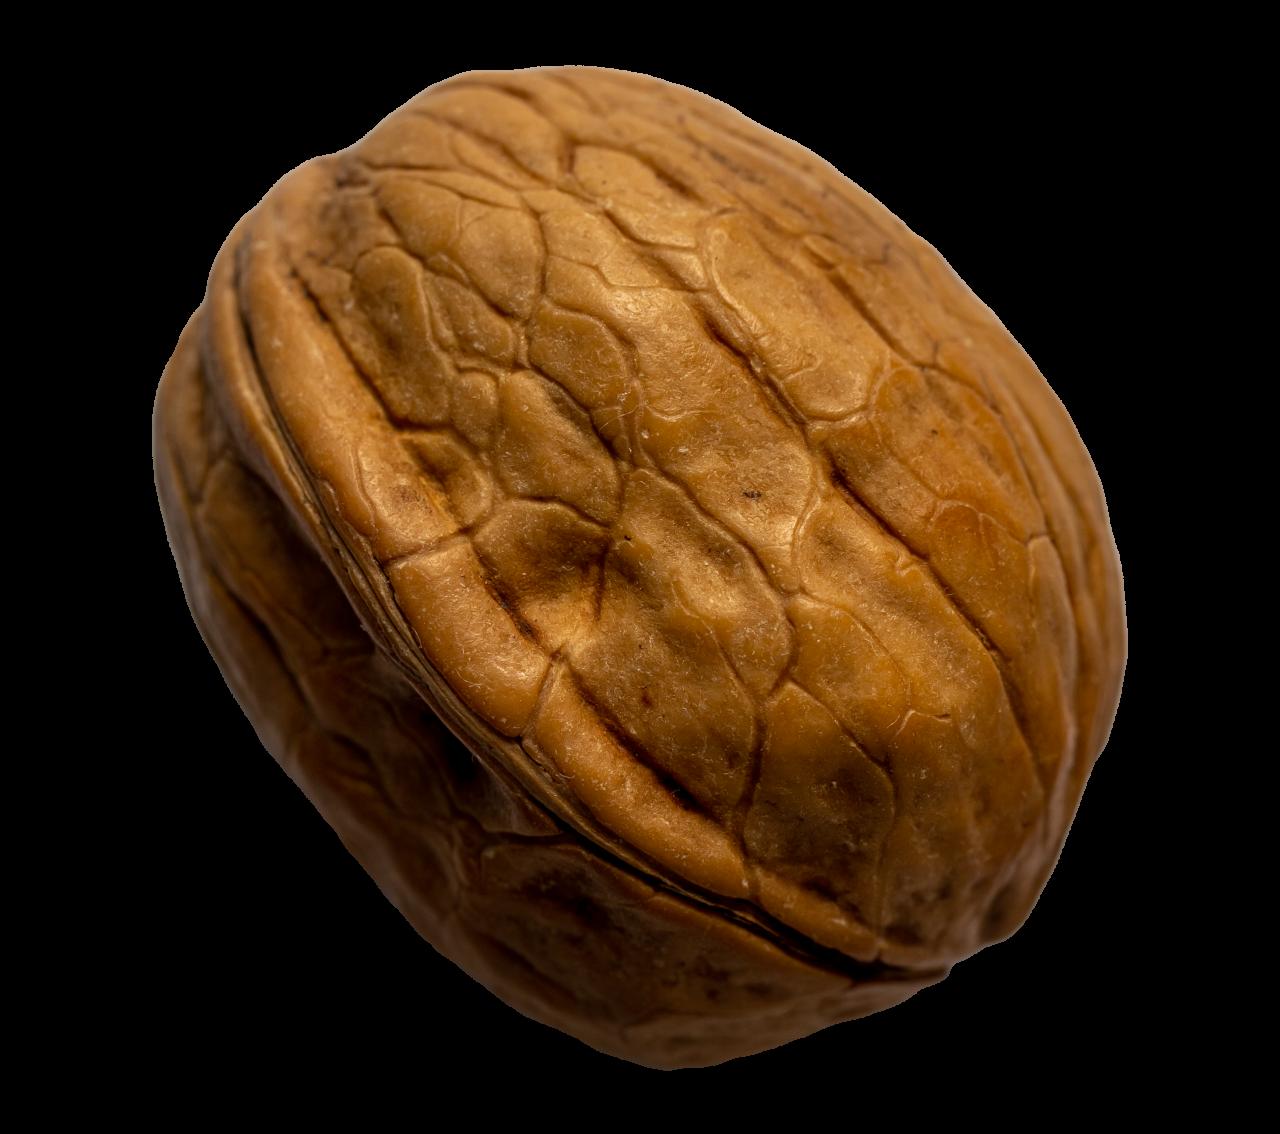 Walnut transparent background png